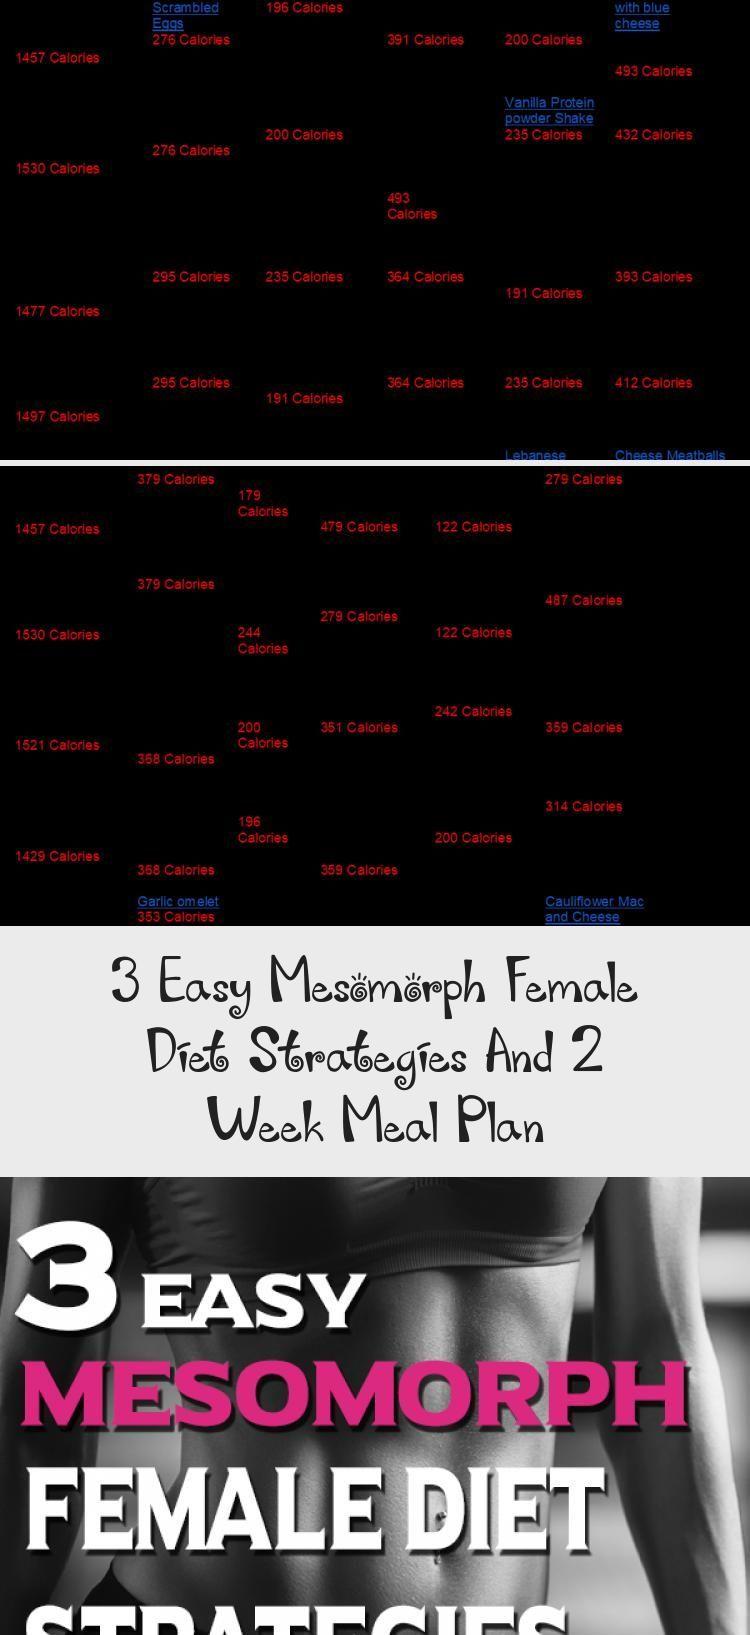 3 Easy Mesomorph Female Diet Strategies And 2 Week Meal Plan  Libifit calorie diet week diet diet diet diet dukan minceur rapide sans sucre secret diet